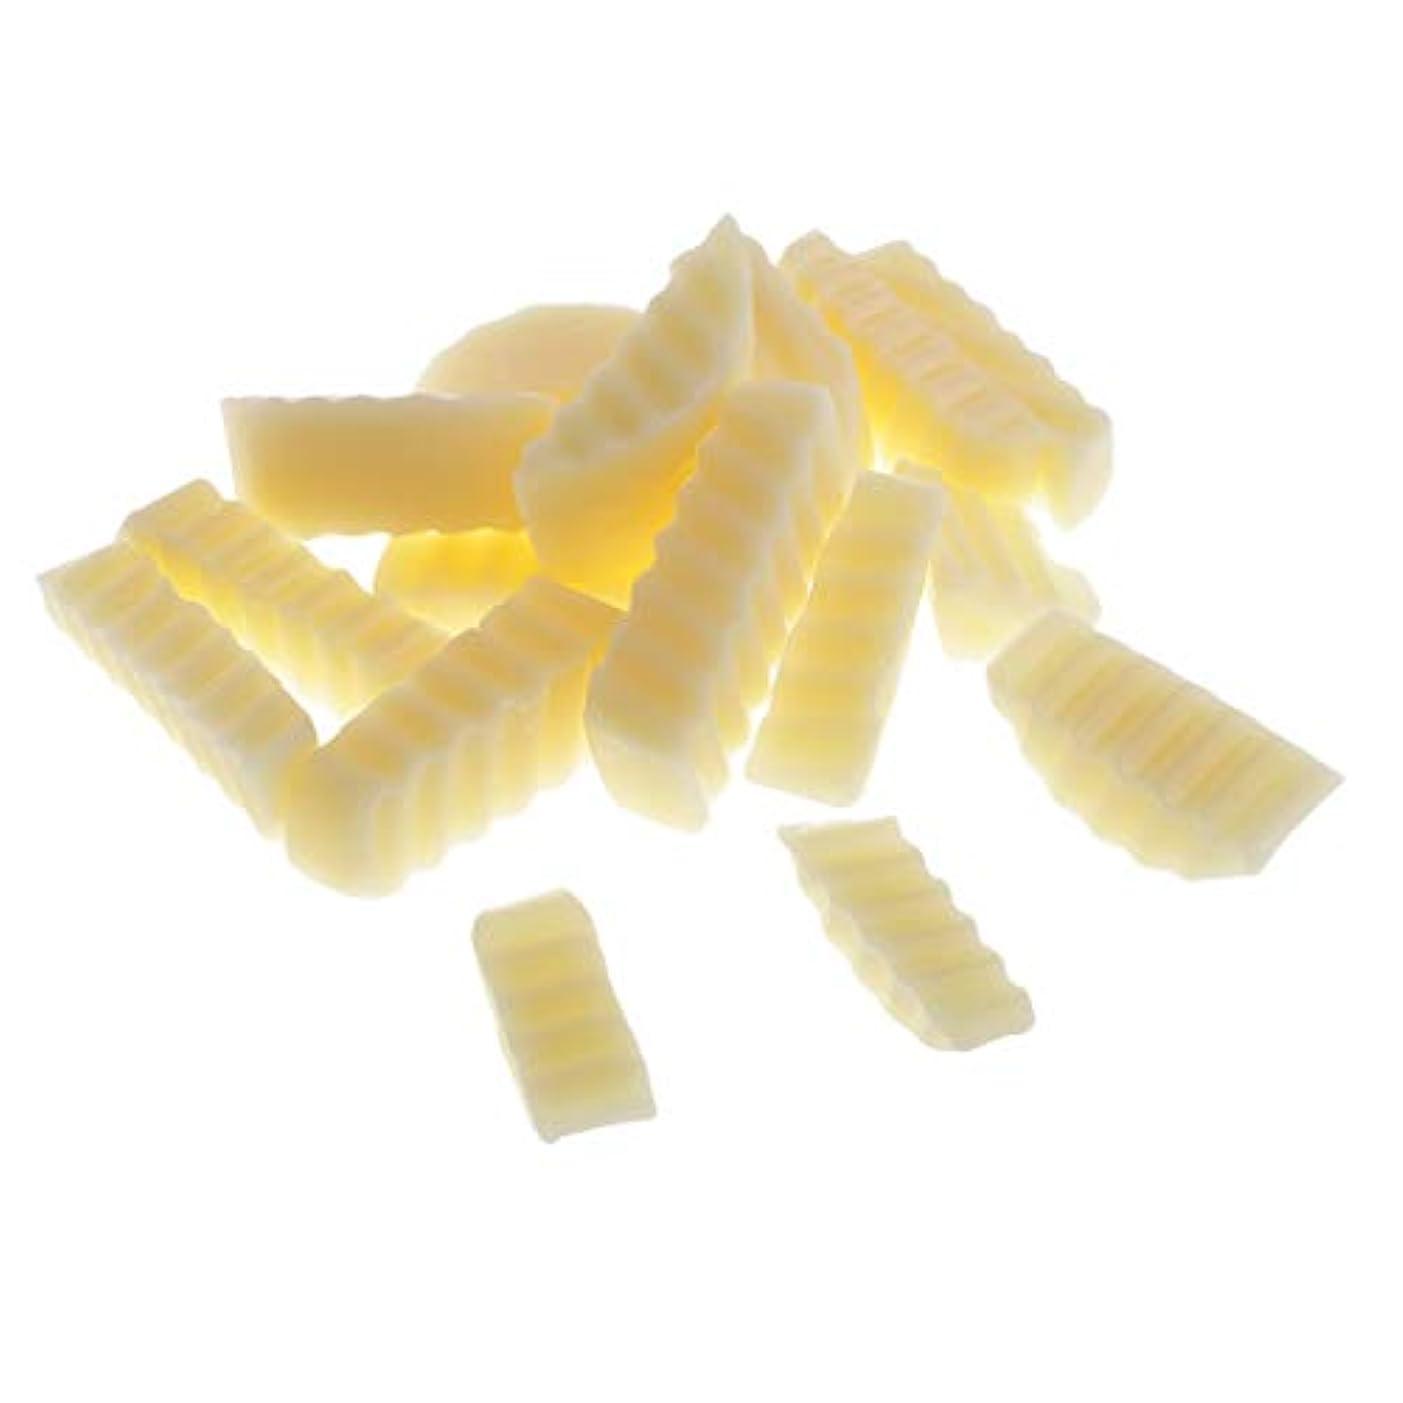 改修する追加する記憶D DOLITY ラノリン石鹸 自然な素材 DIY工芸品 手作り 石鹸 固形せっけん 約250g /パック